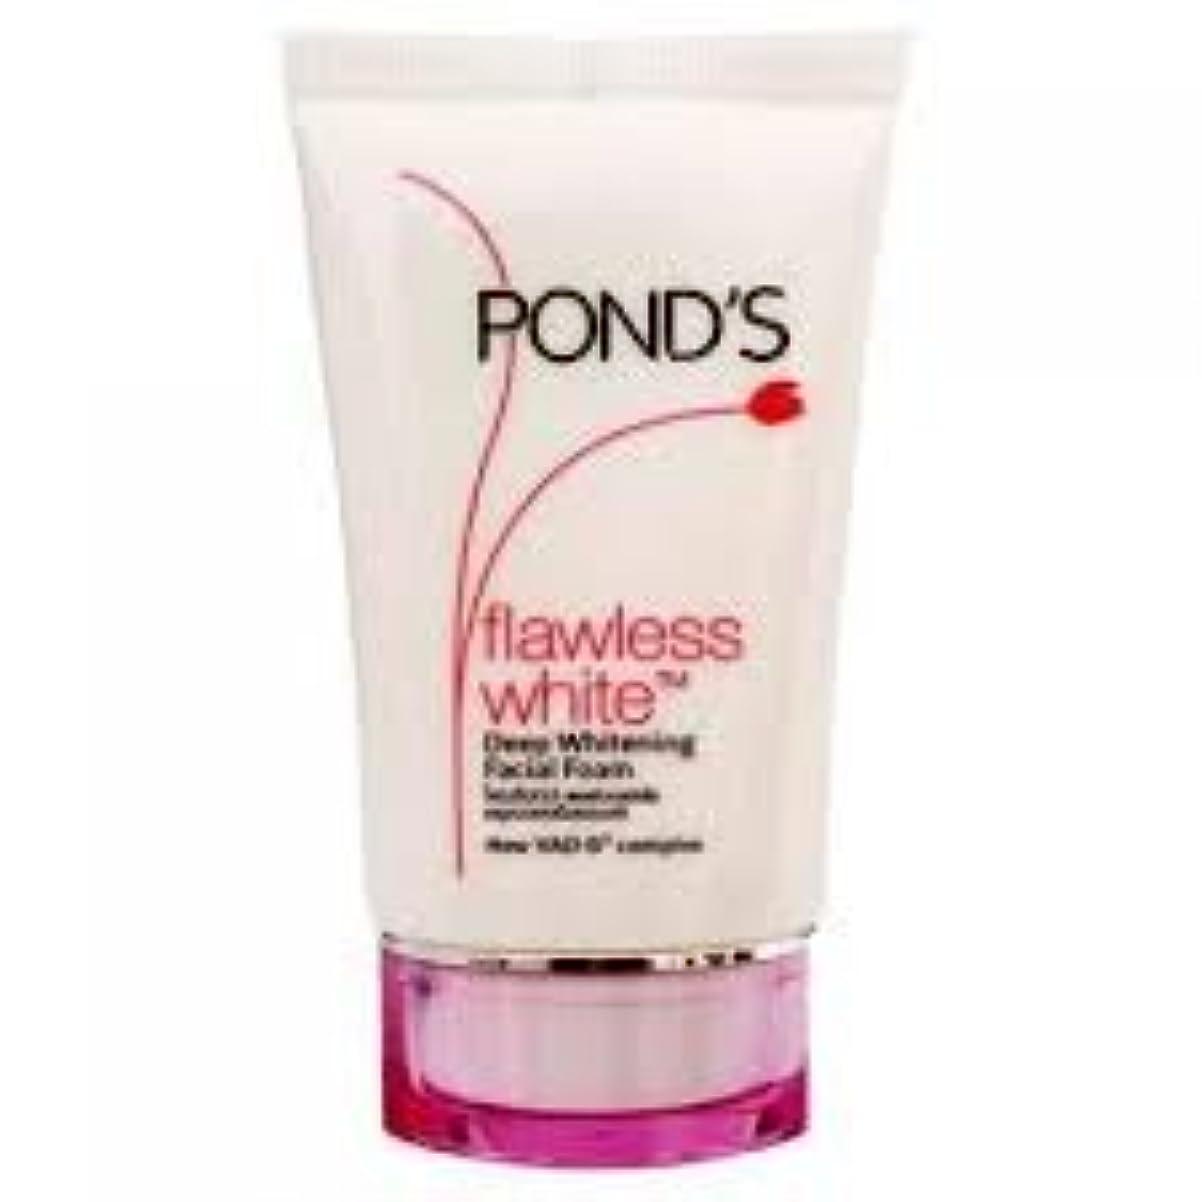 無謀のためにモンキーポンズ フローレス ホワイトニング フェイシャルフォーム Ponds Flawless White Deep Whitening Facial Foam 50g